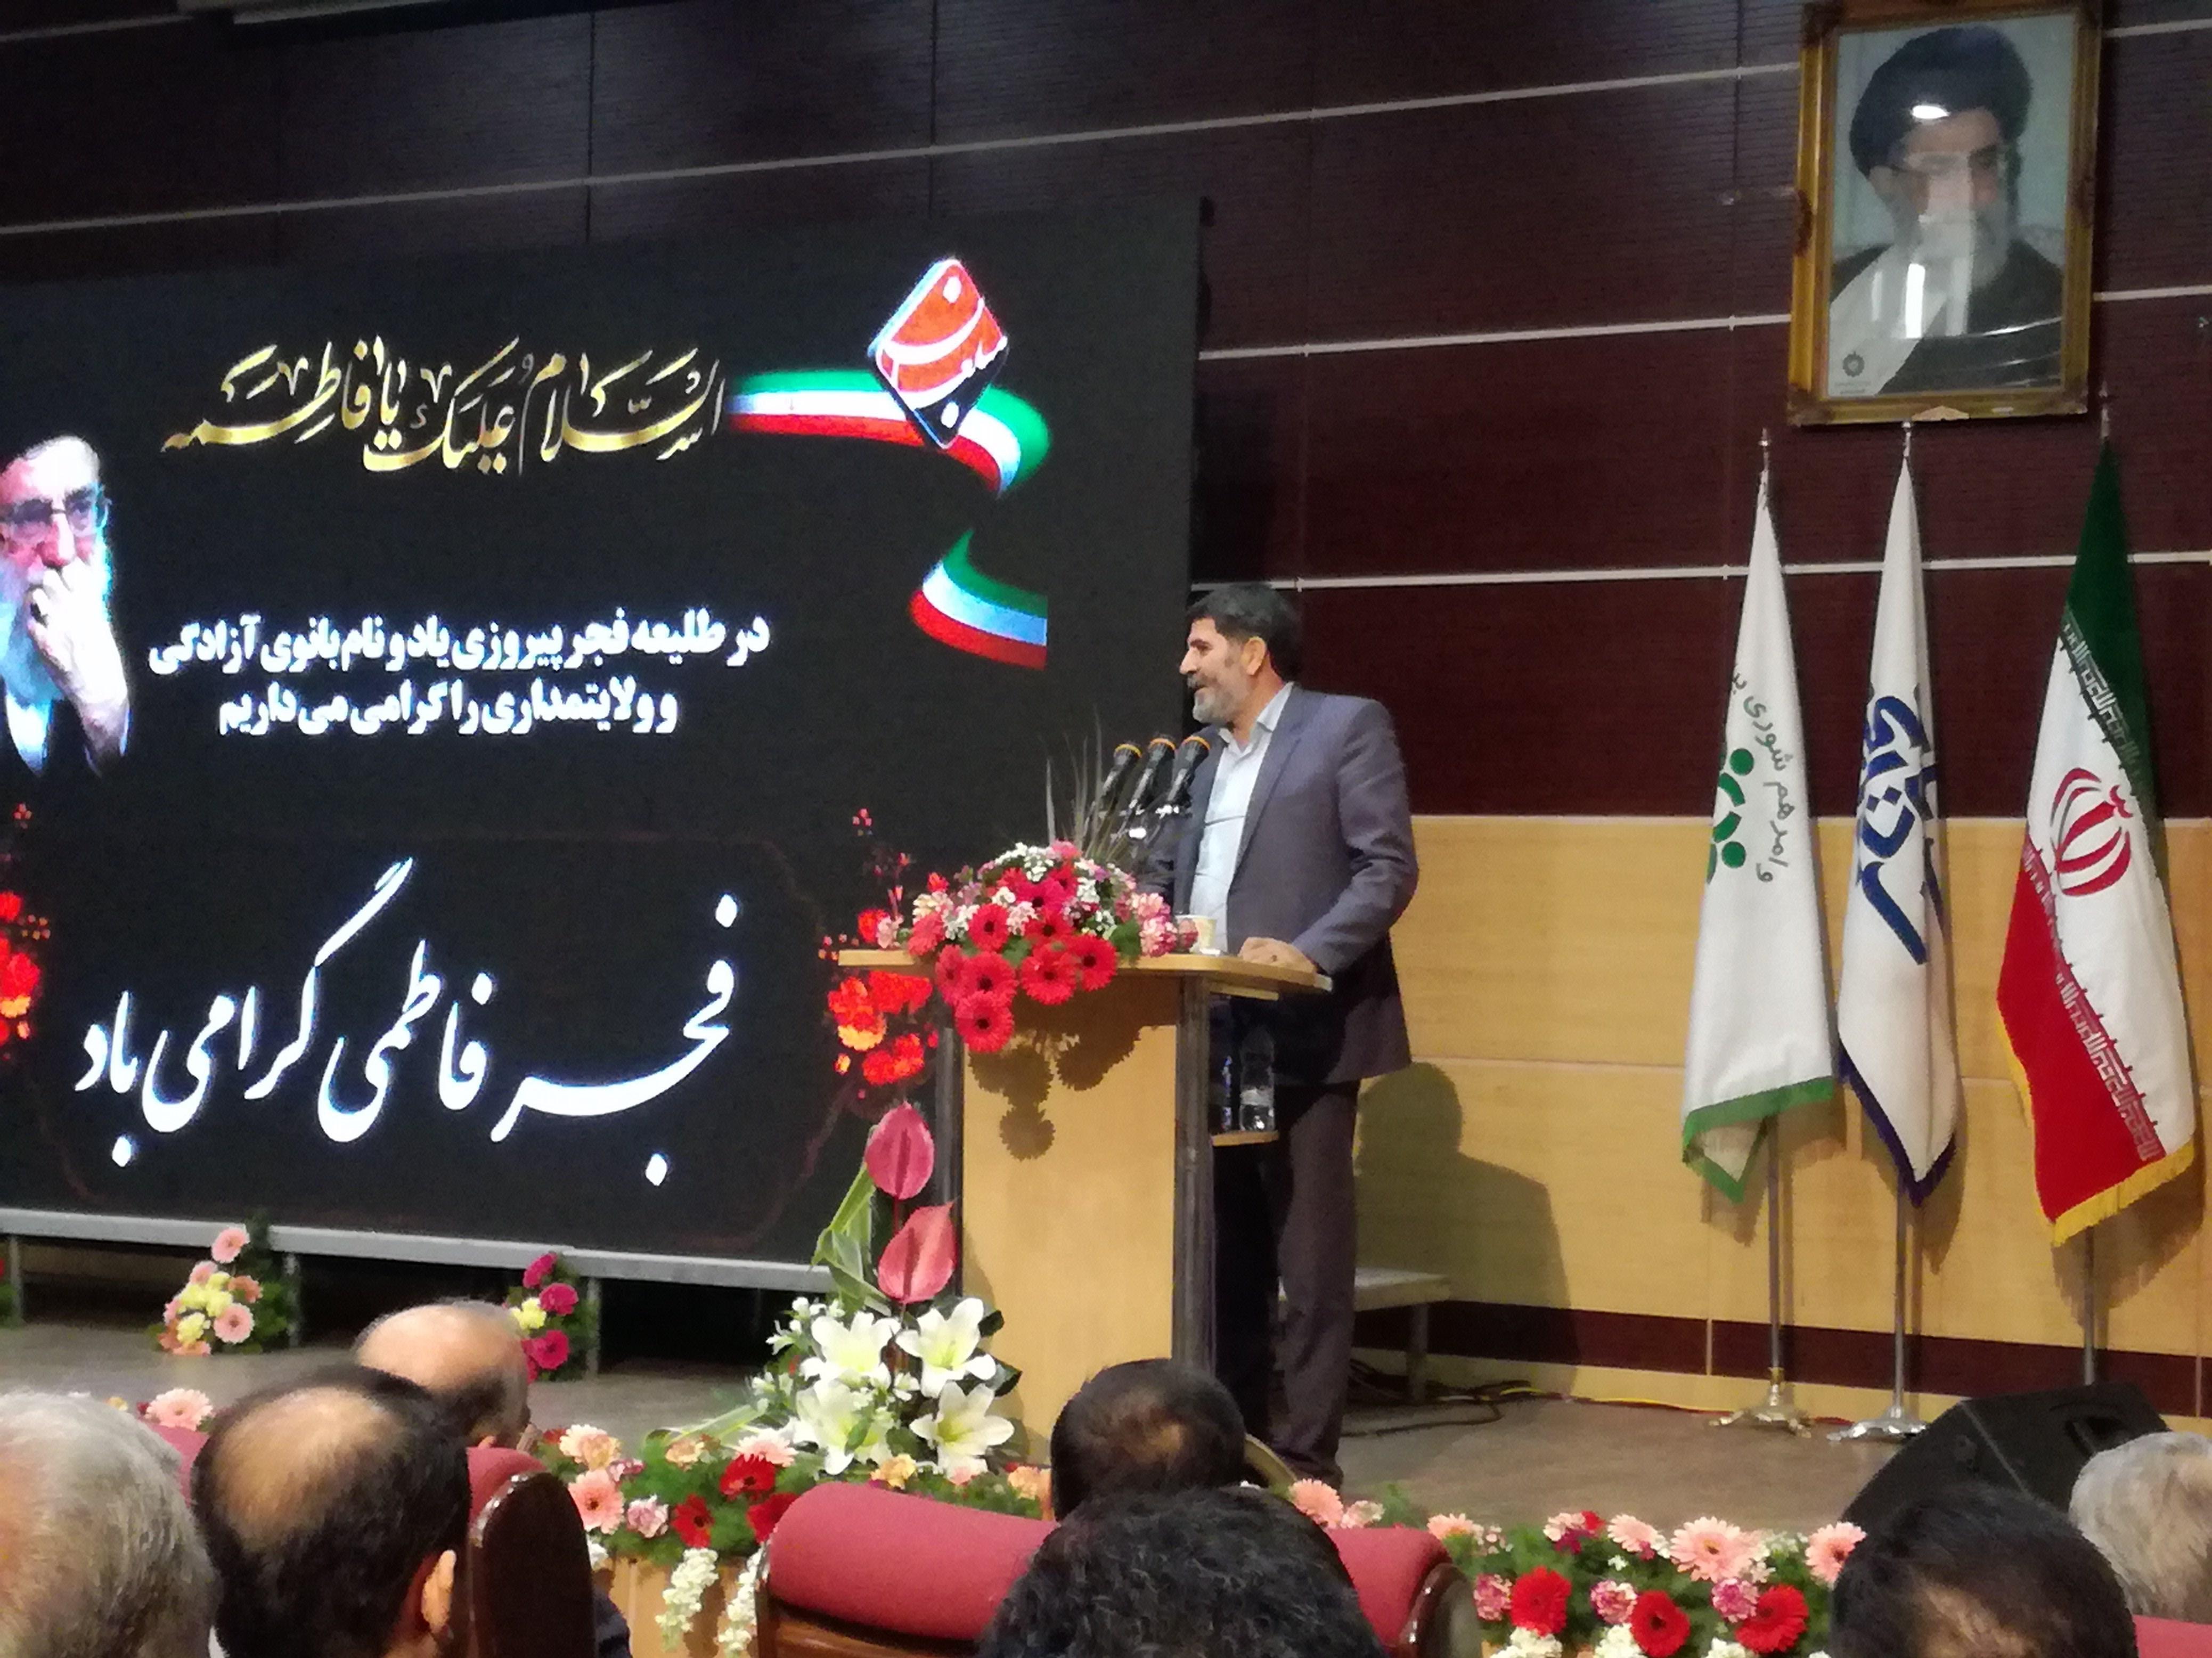 تهران| مراسم تودیع و معارفه شهردار شهریار برگزار شد